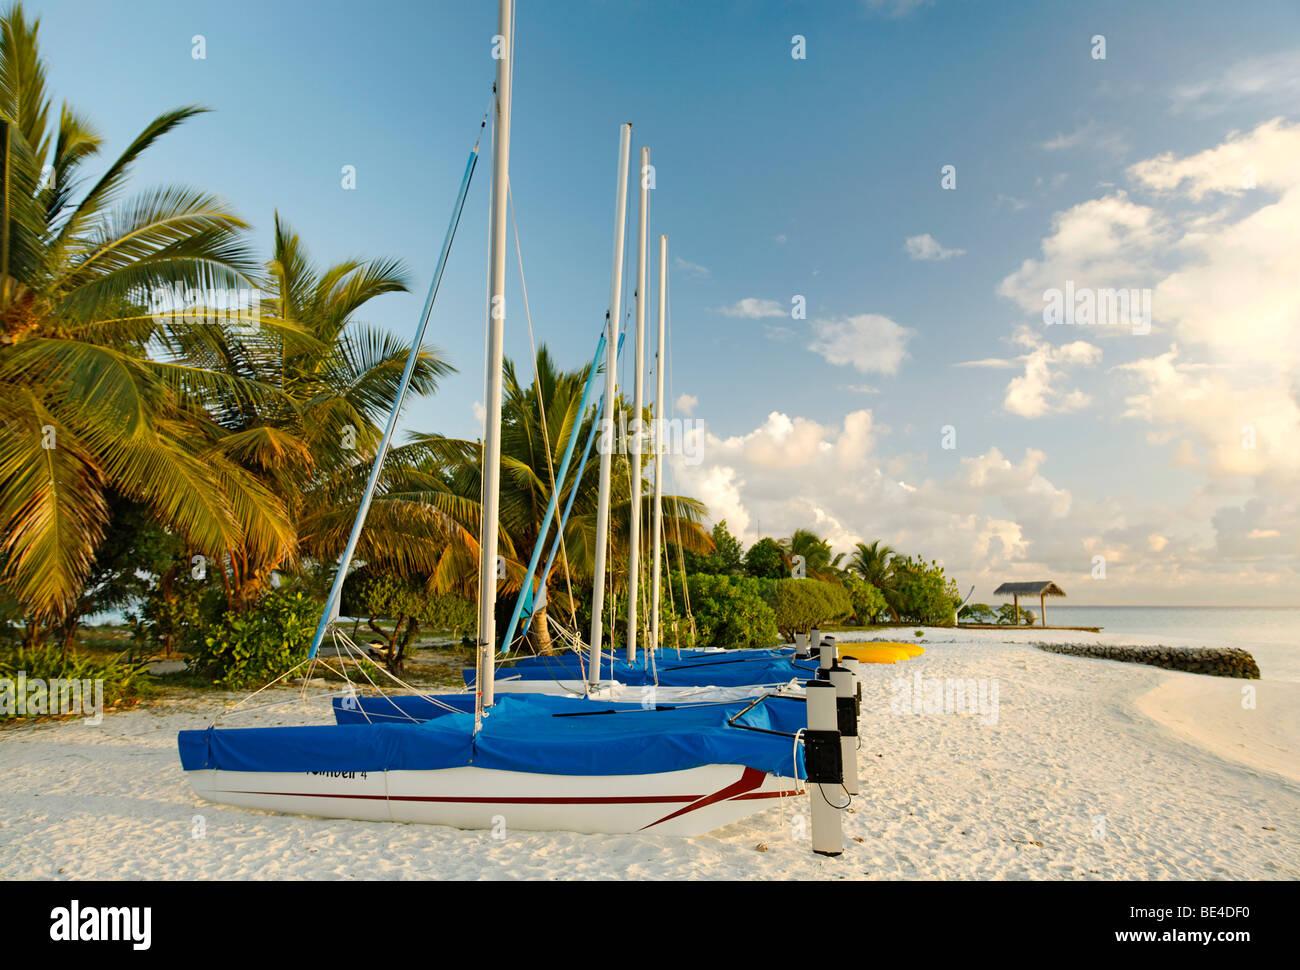 Hobby Voiture, catamarans, voiliers, côte à côte, sur la plage, les palmiers, les Maldives island, Photo Stock